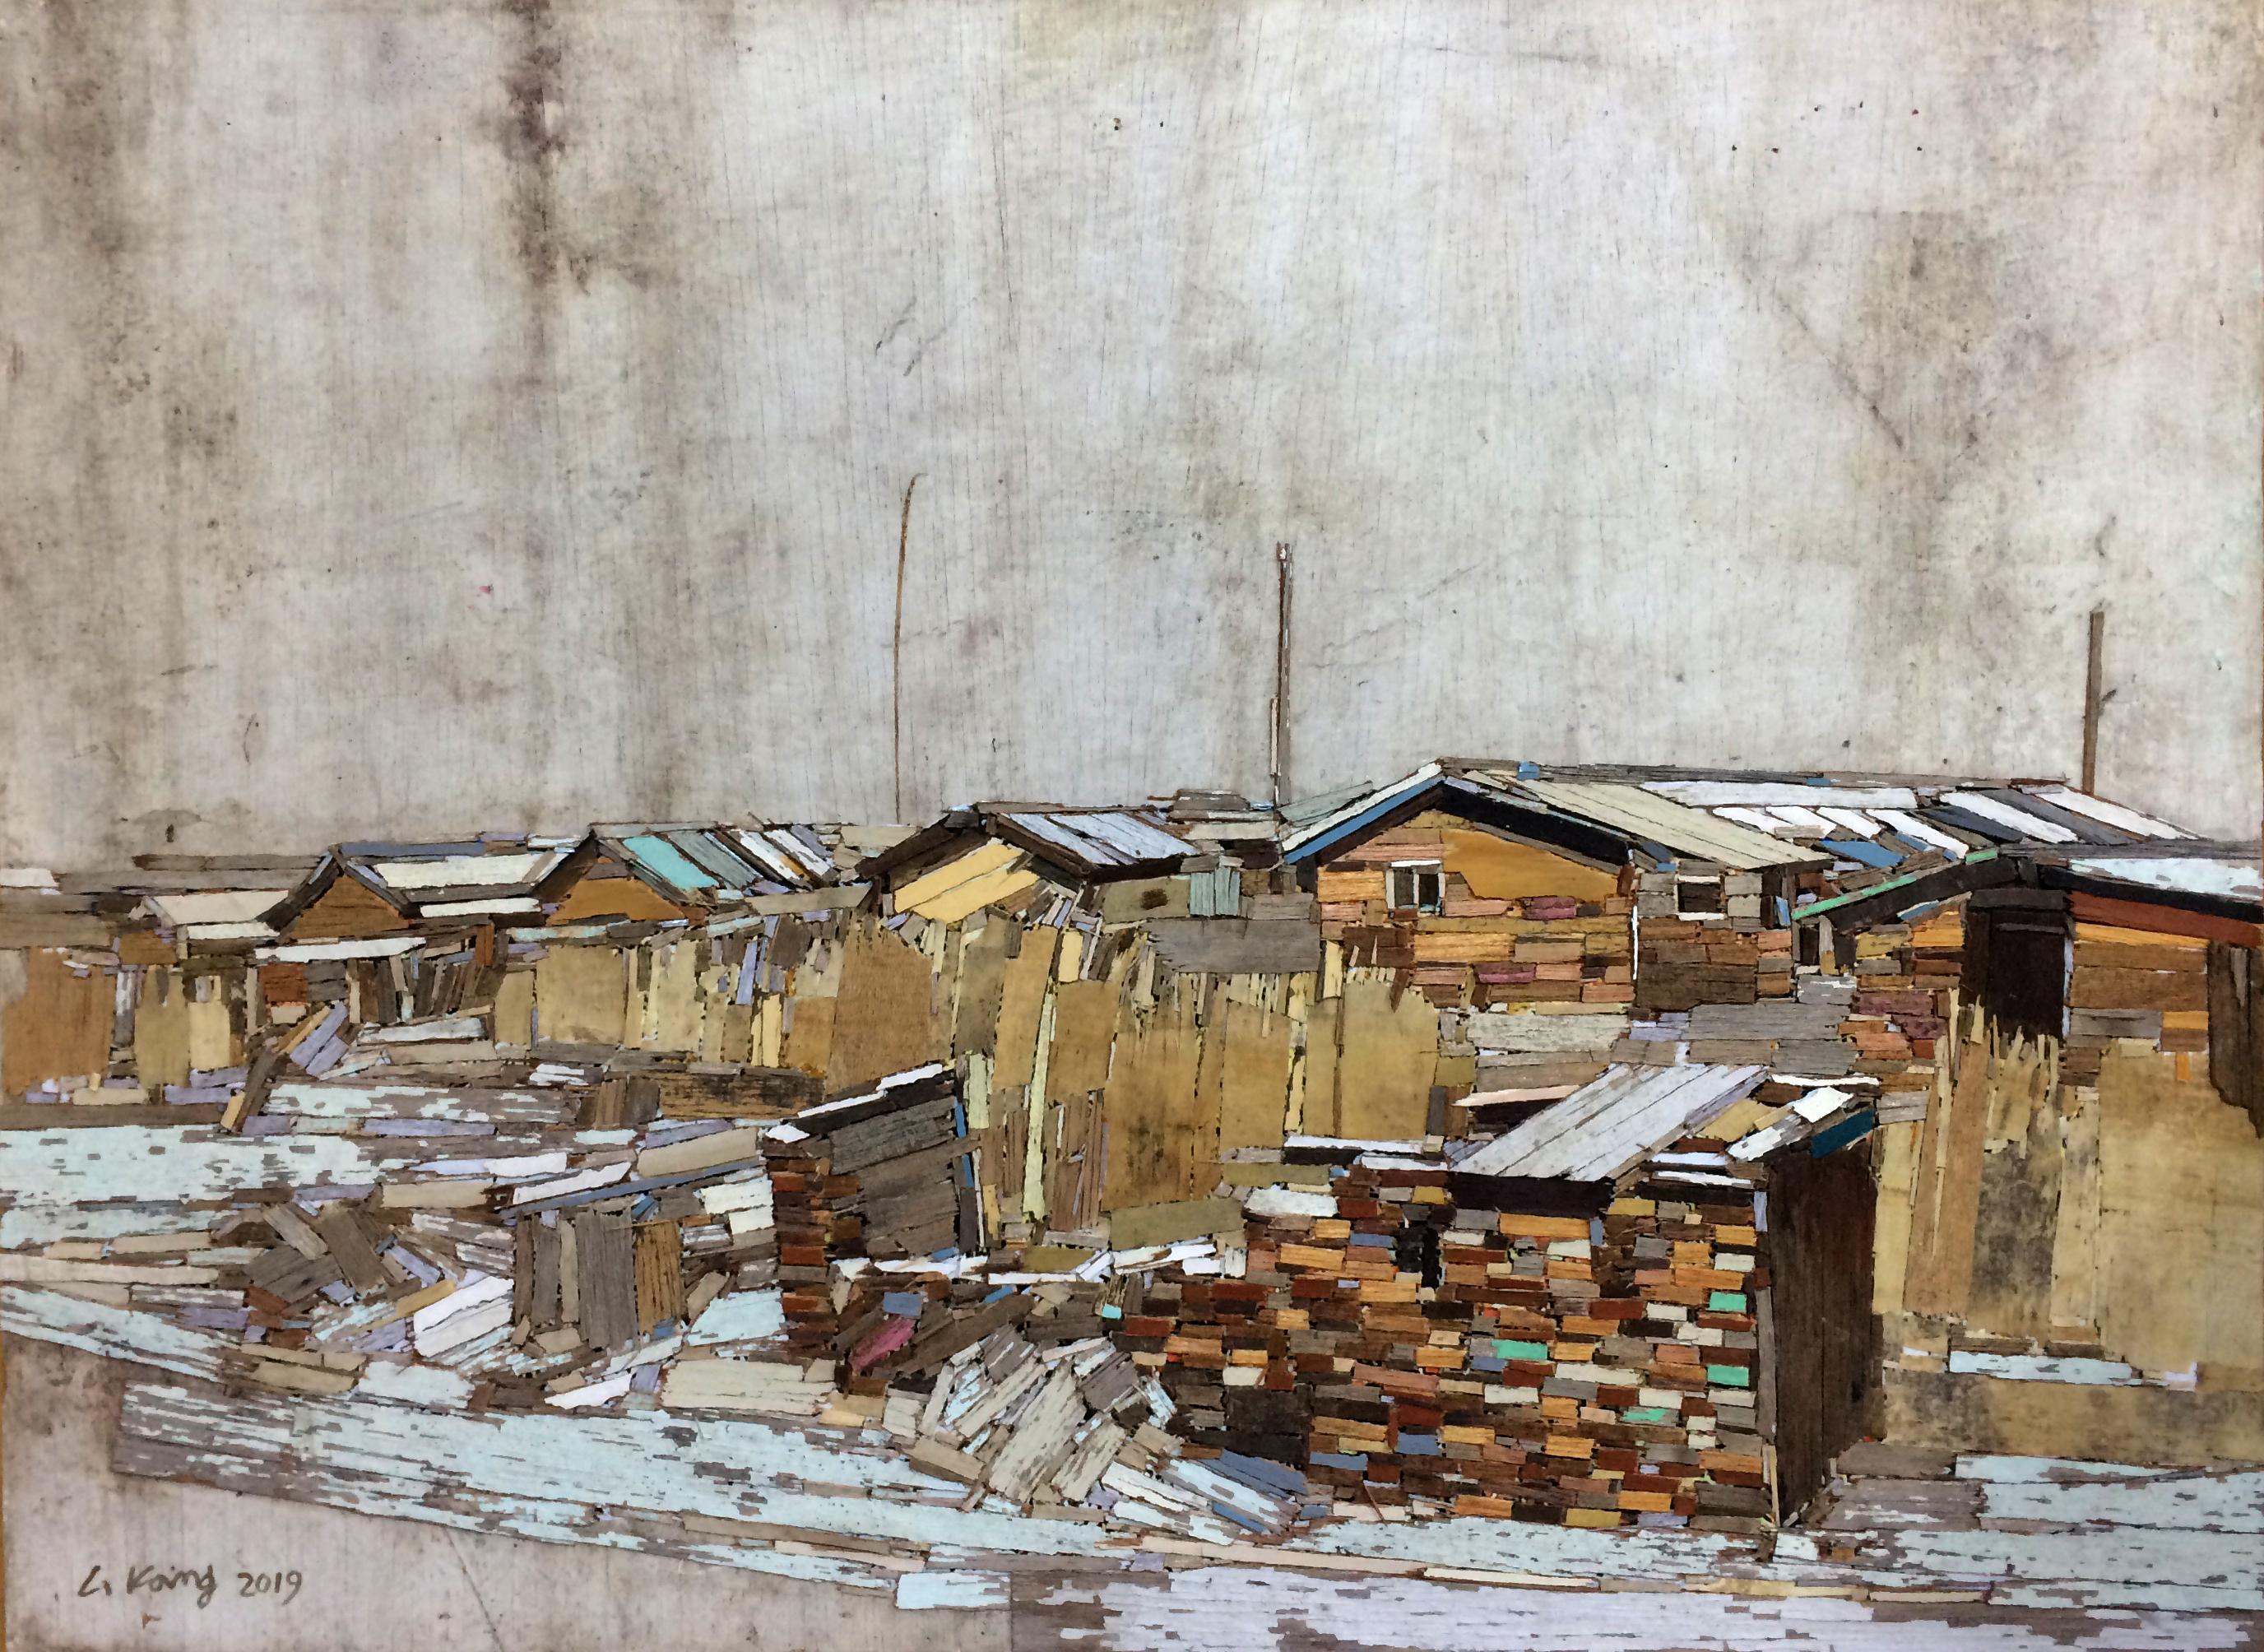 이부강1, trace 887(영신연와), 53 x 39 cm, Mixed